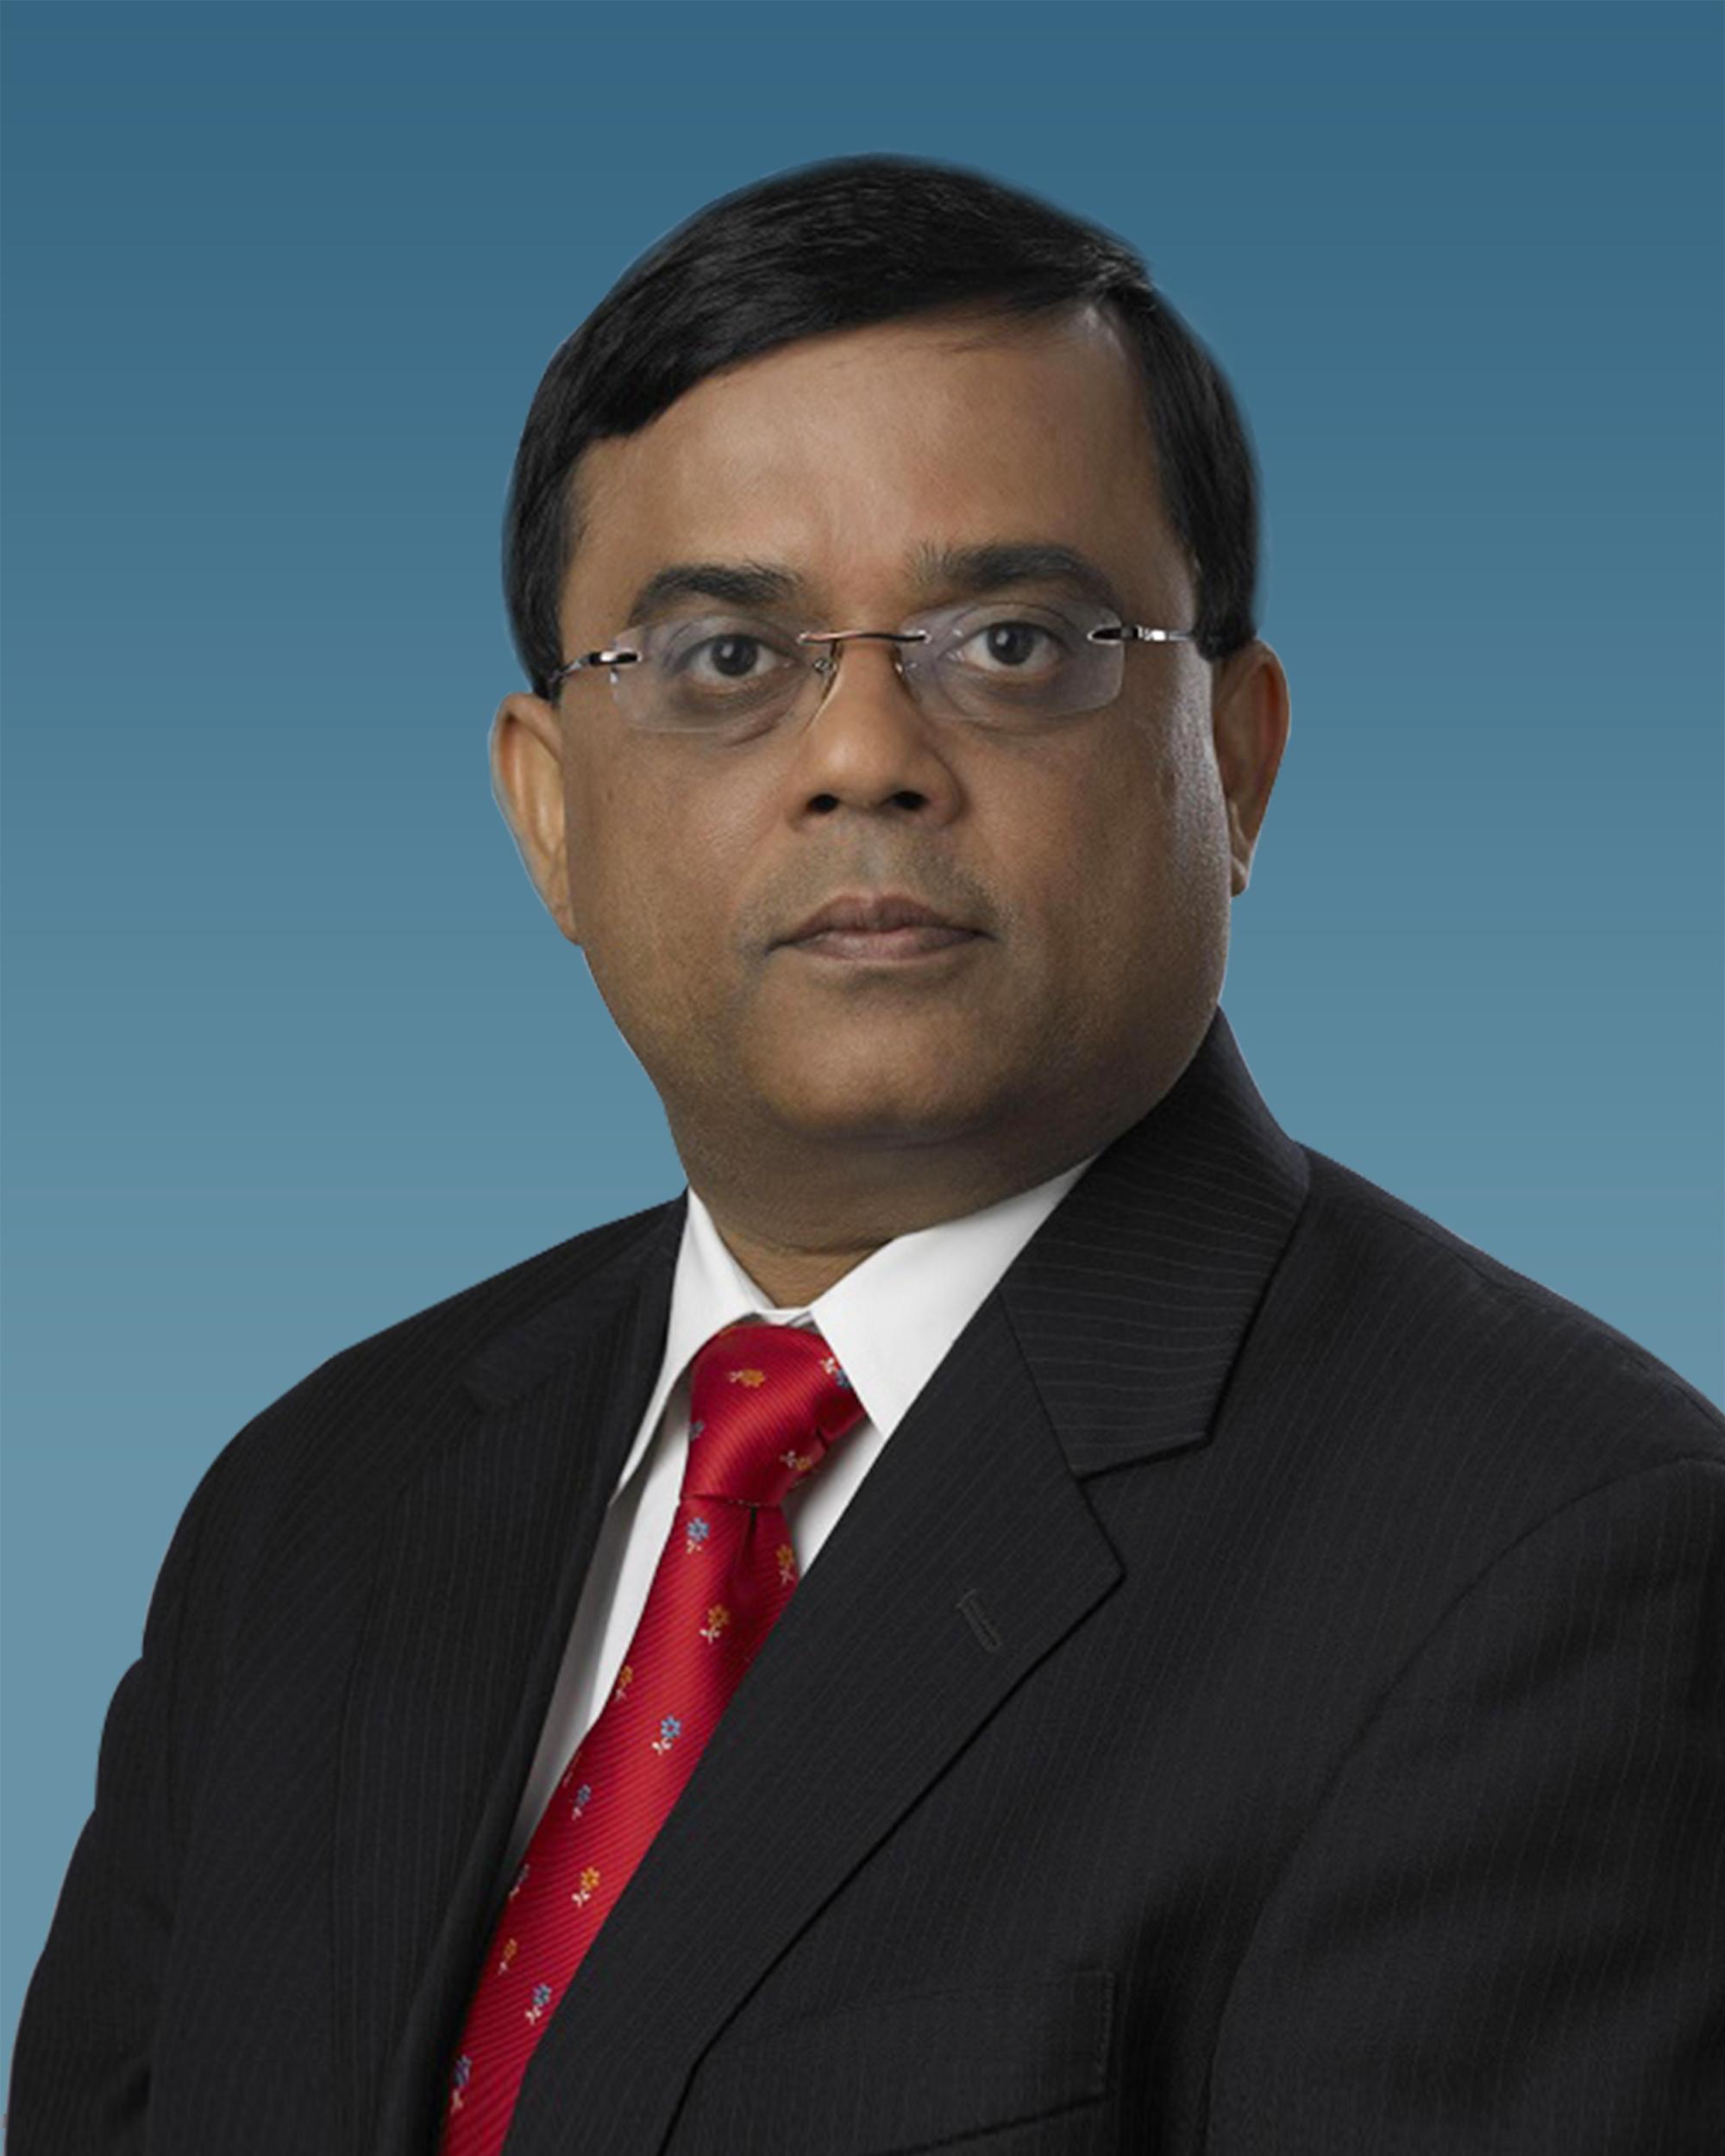 Mr. Gajanan Vithal Gandhe